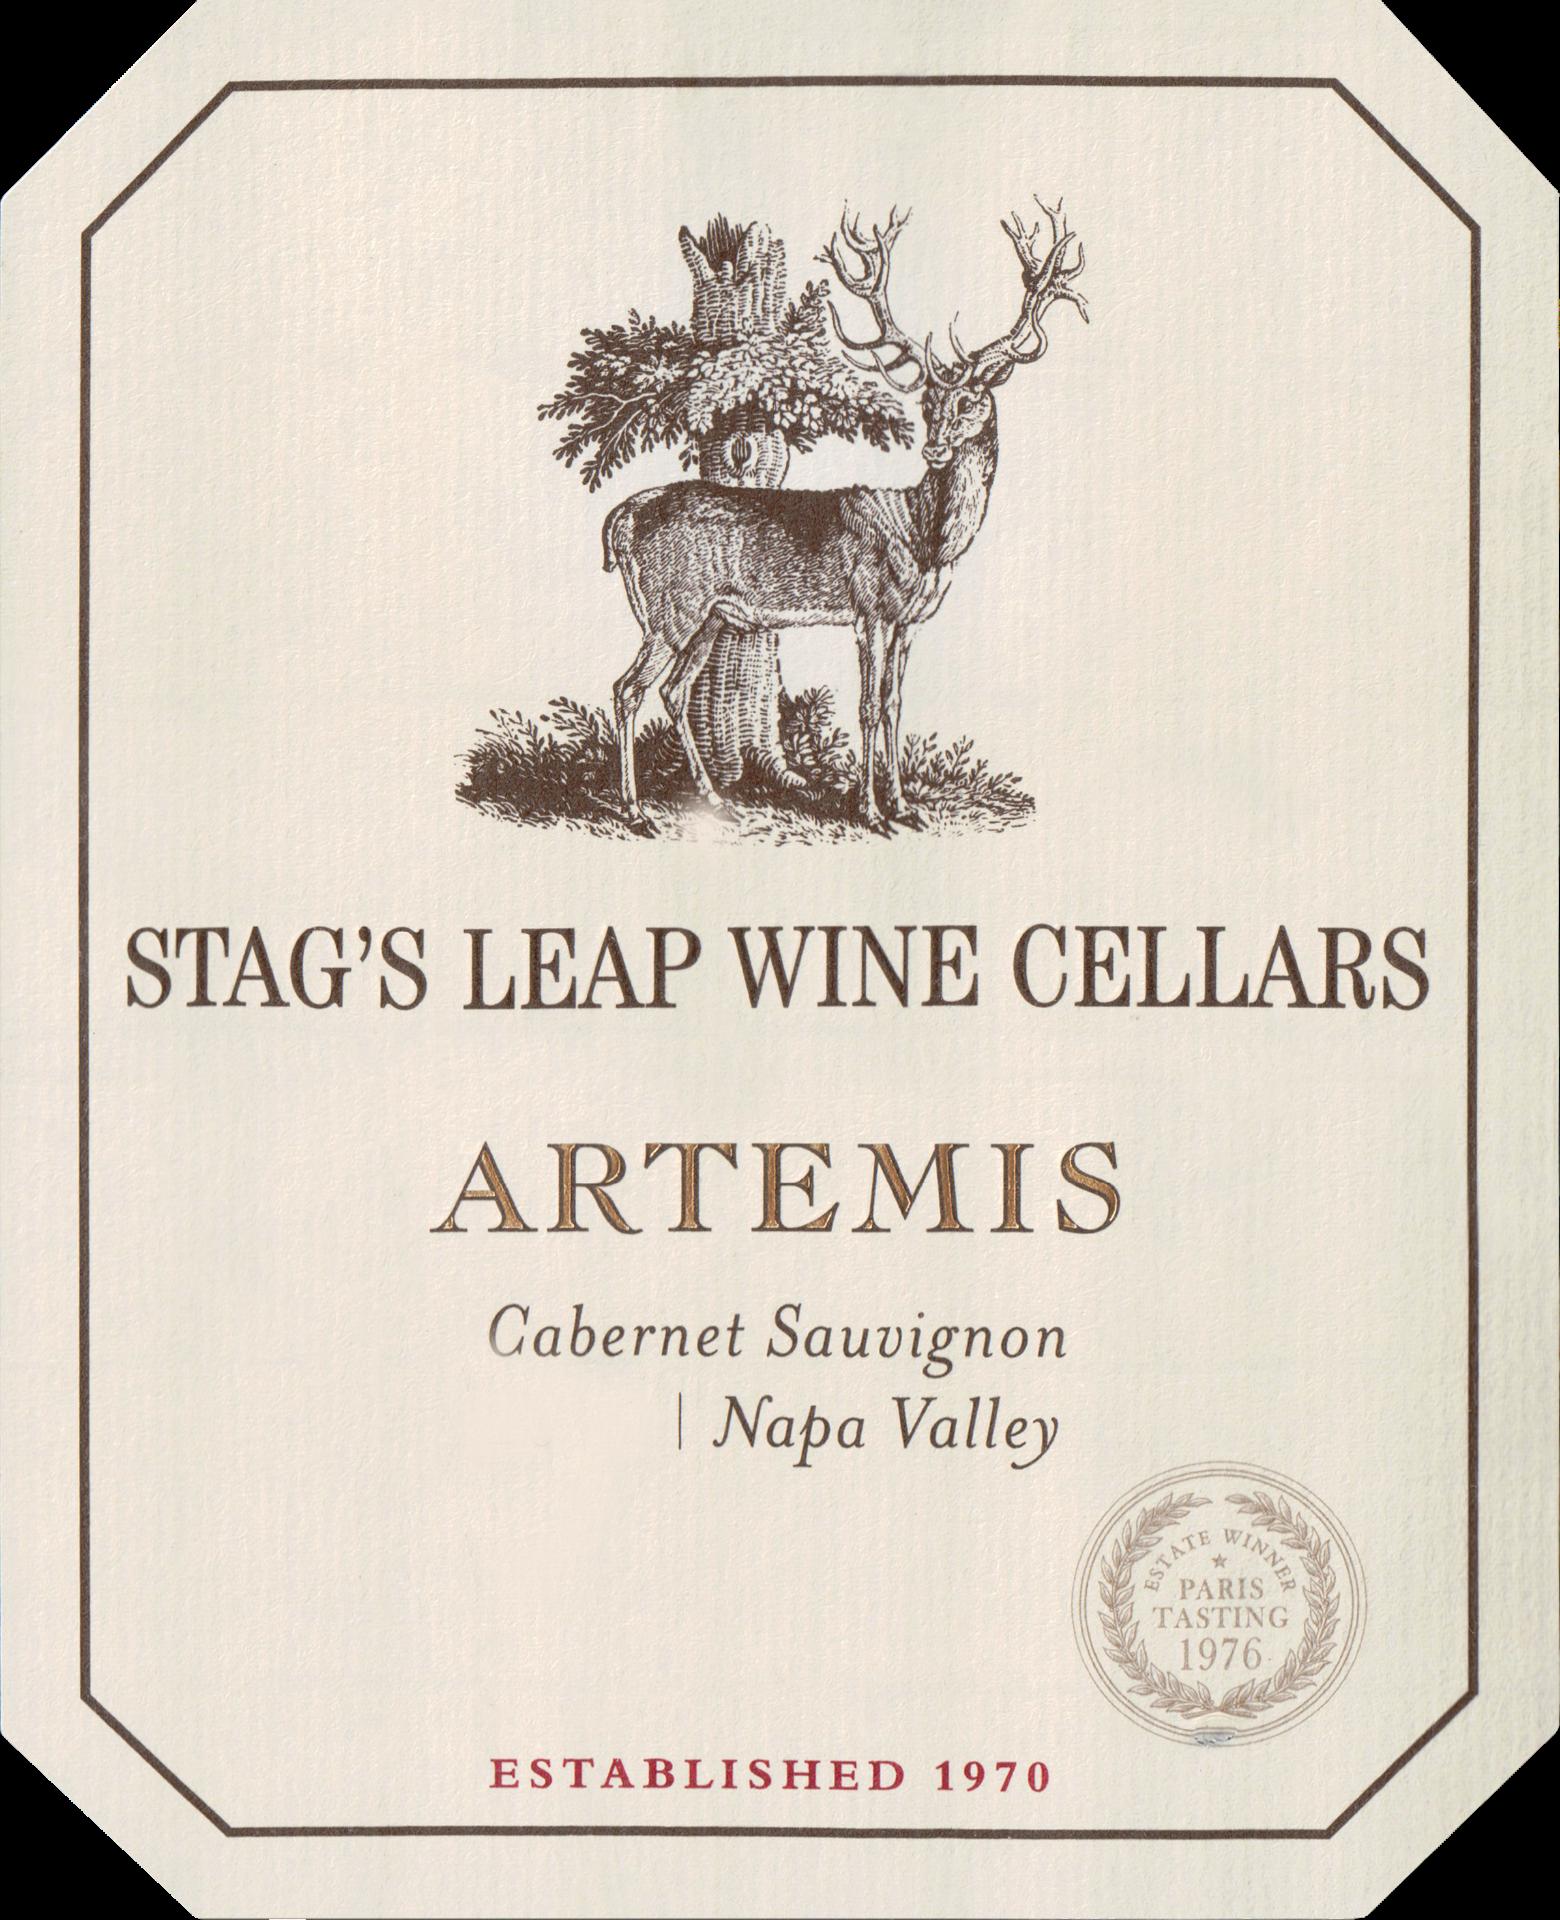 Stags Leap W.C. Artemis Cabernet Sauvignon 2017